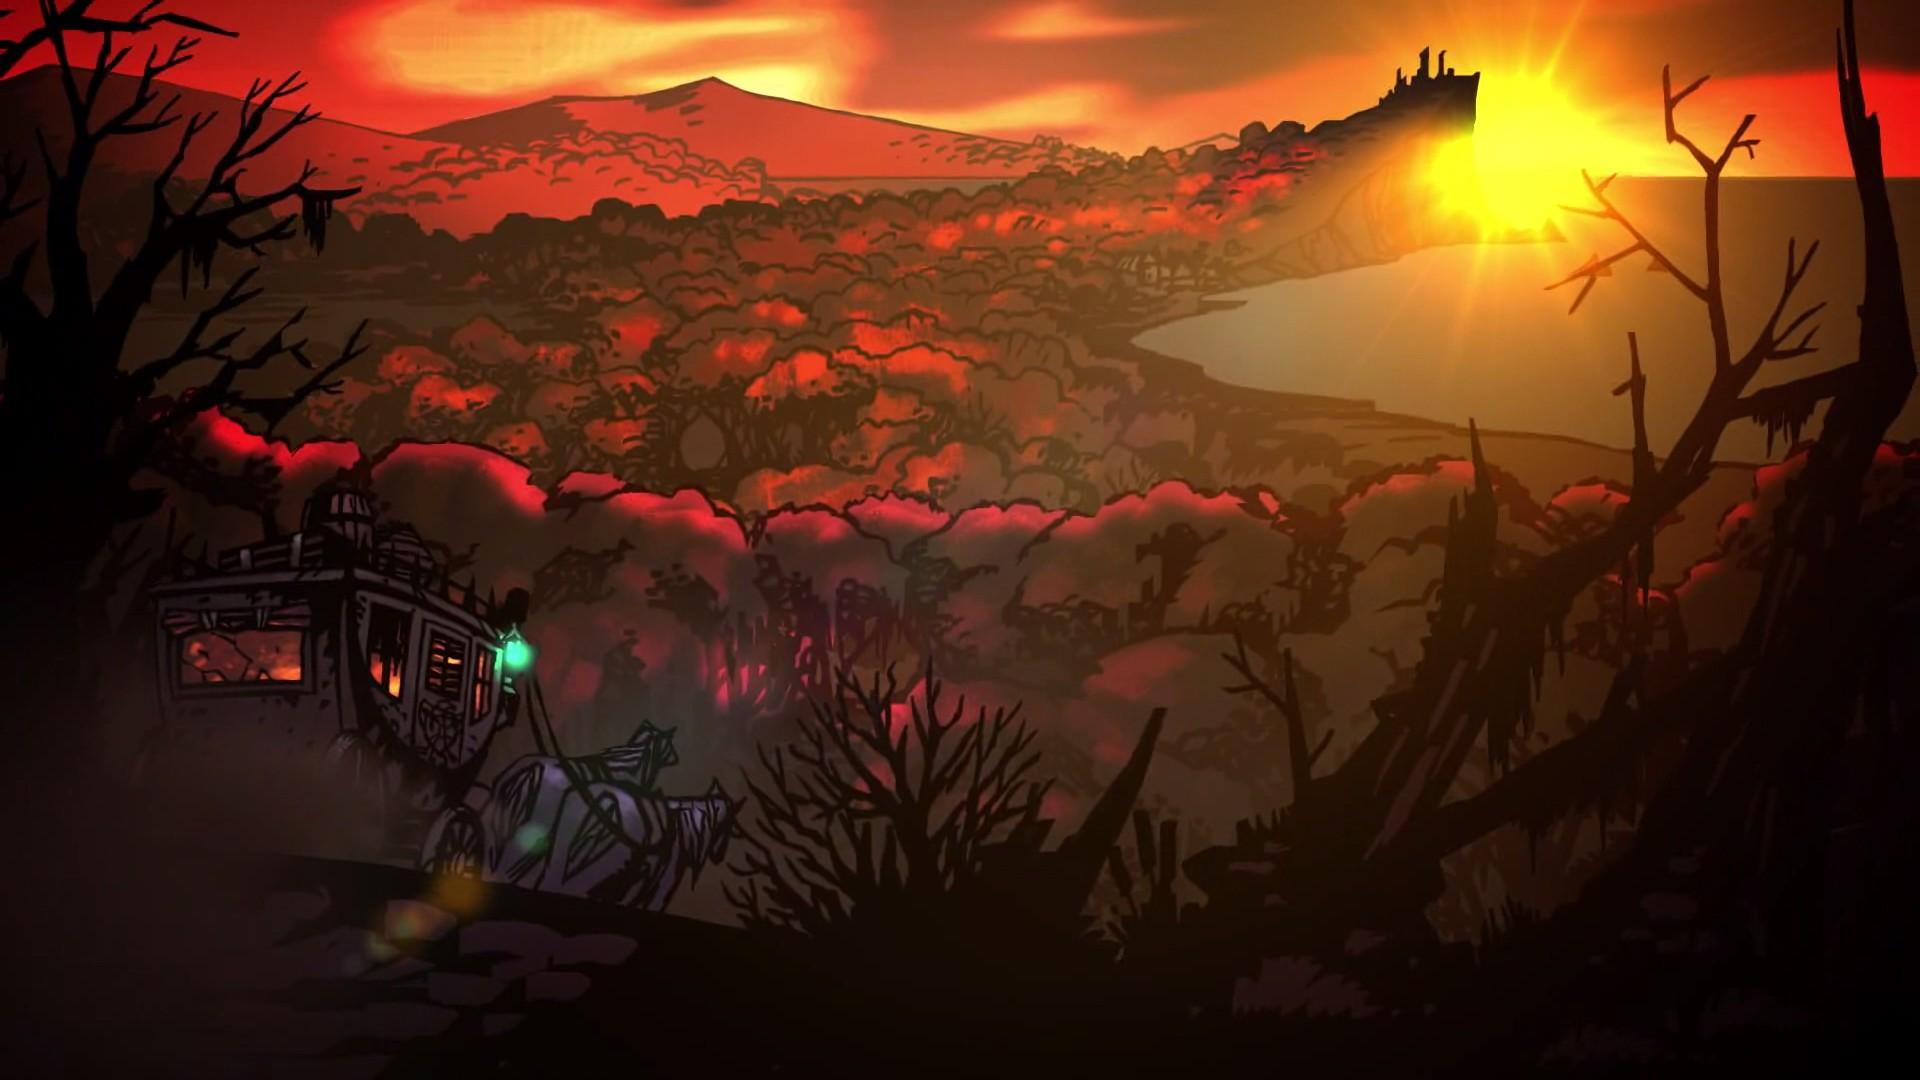 Review: Darkest Dungeon